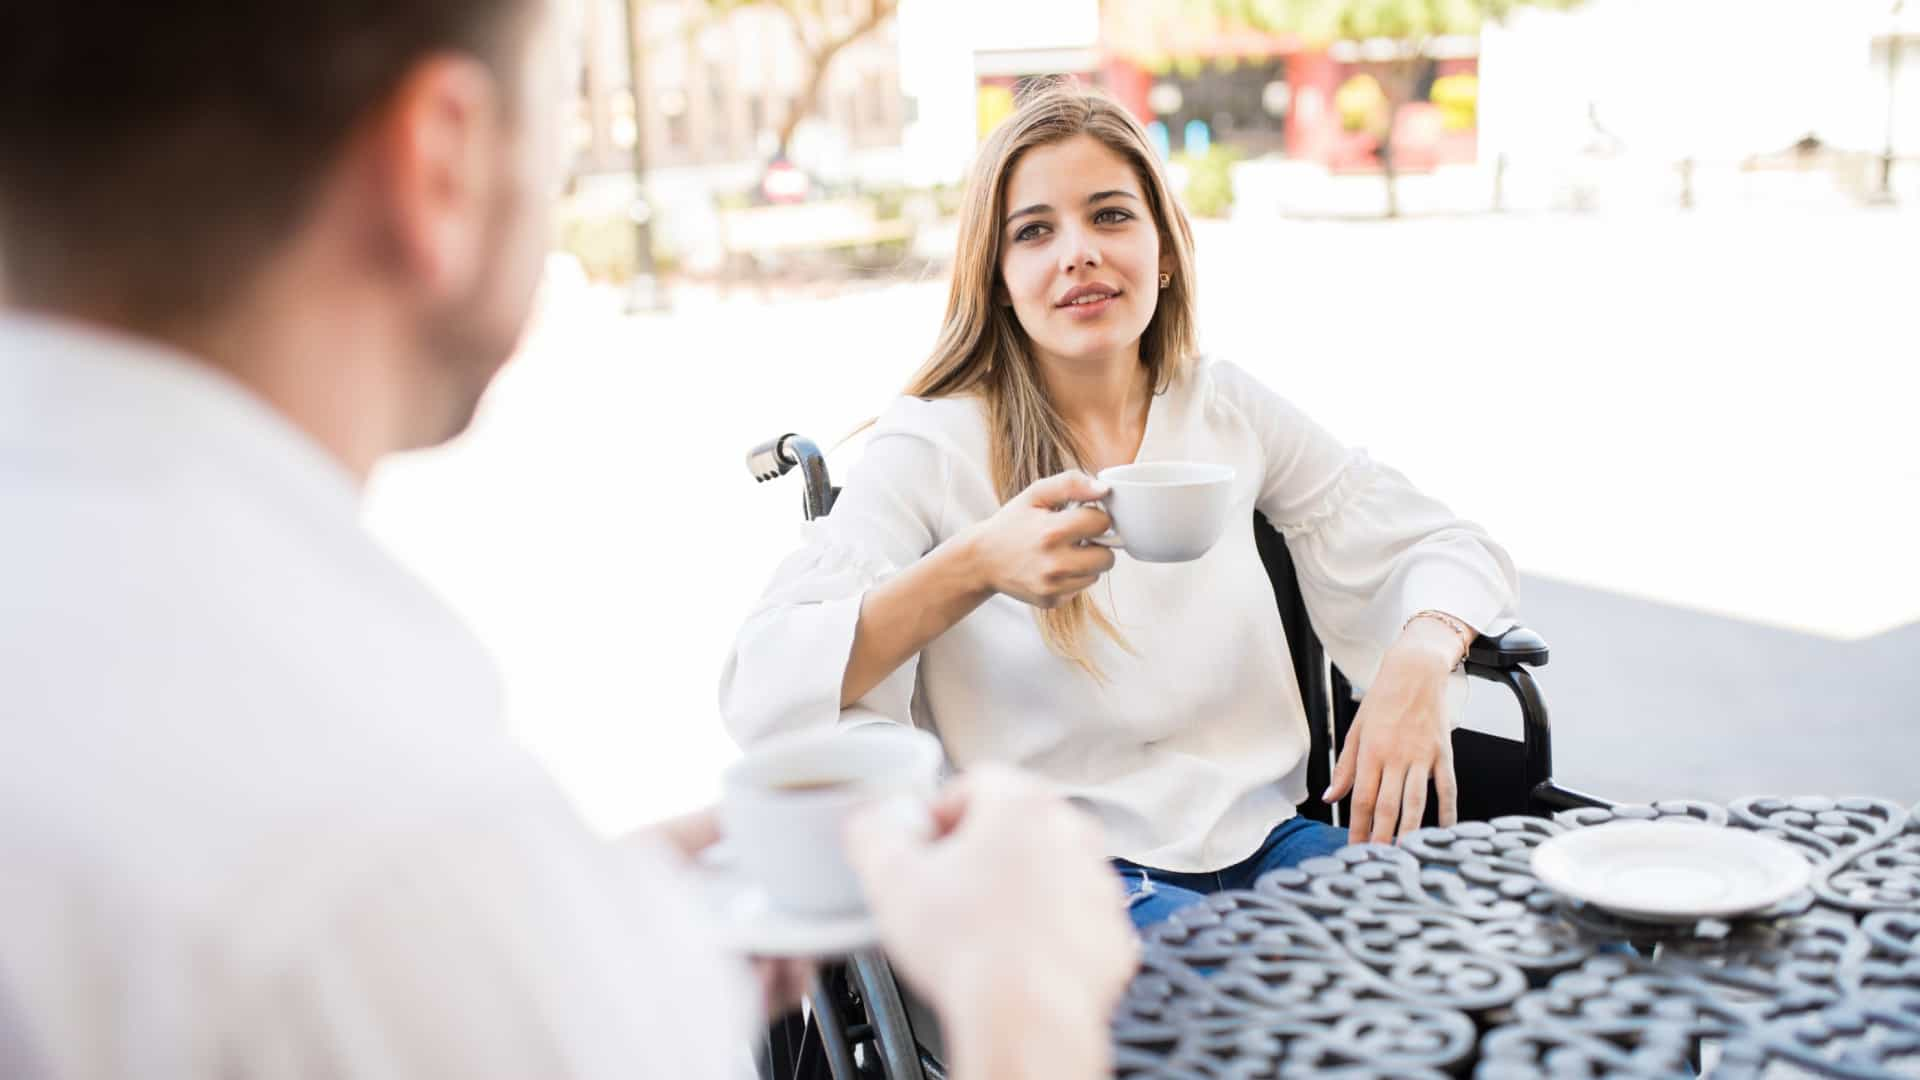 Zomato publica lista de restaurantes sem barreiras à mobilidade